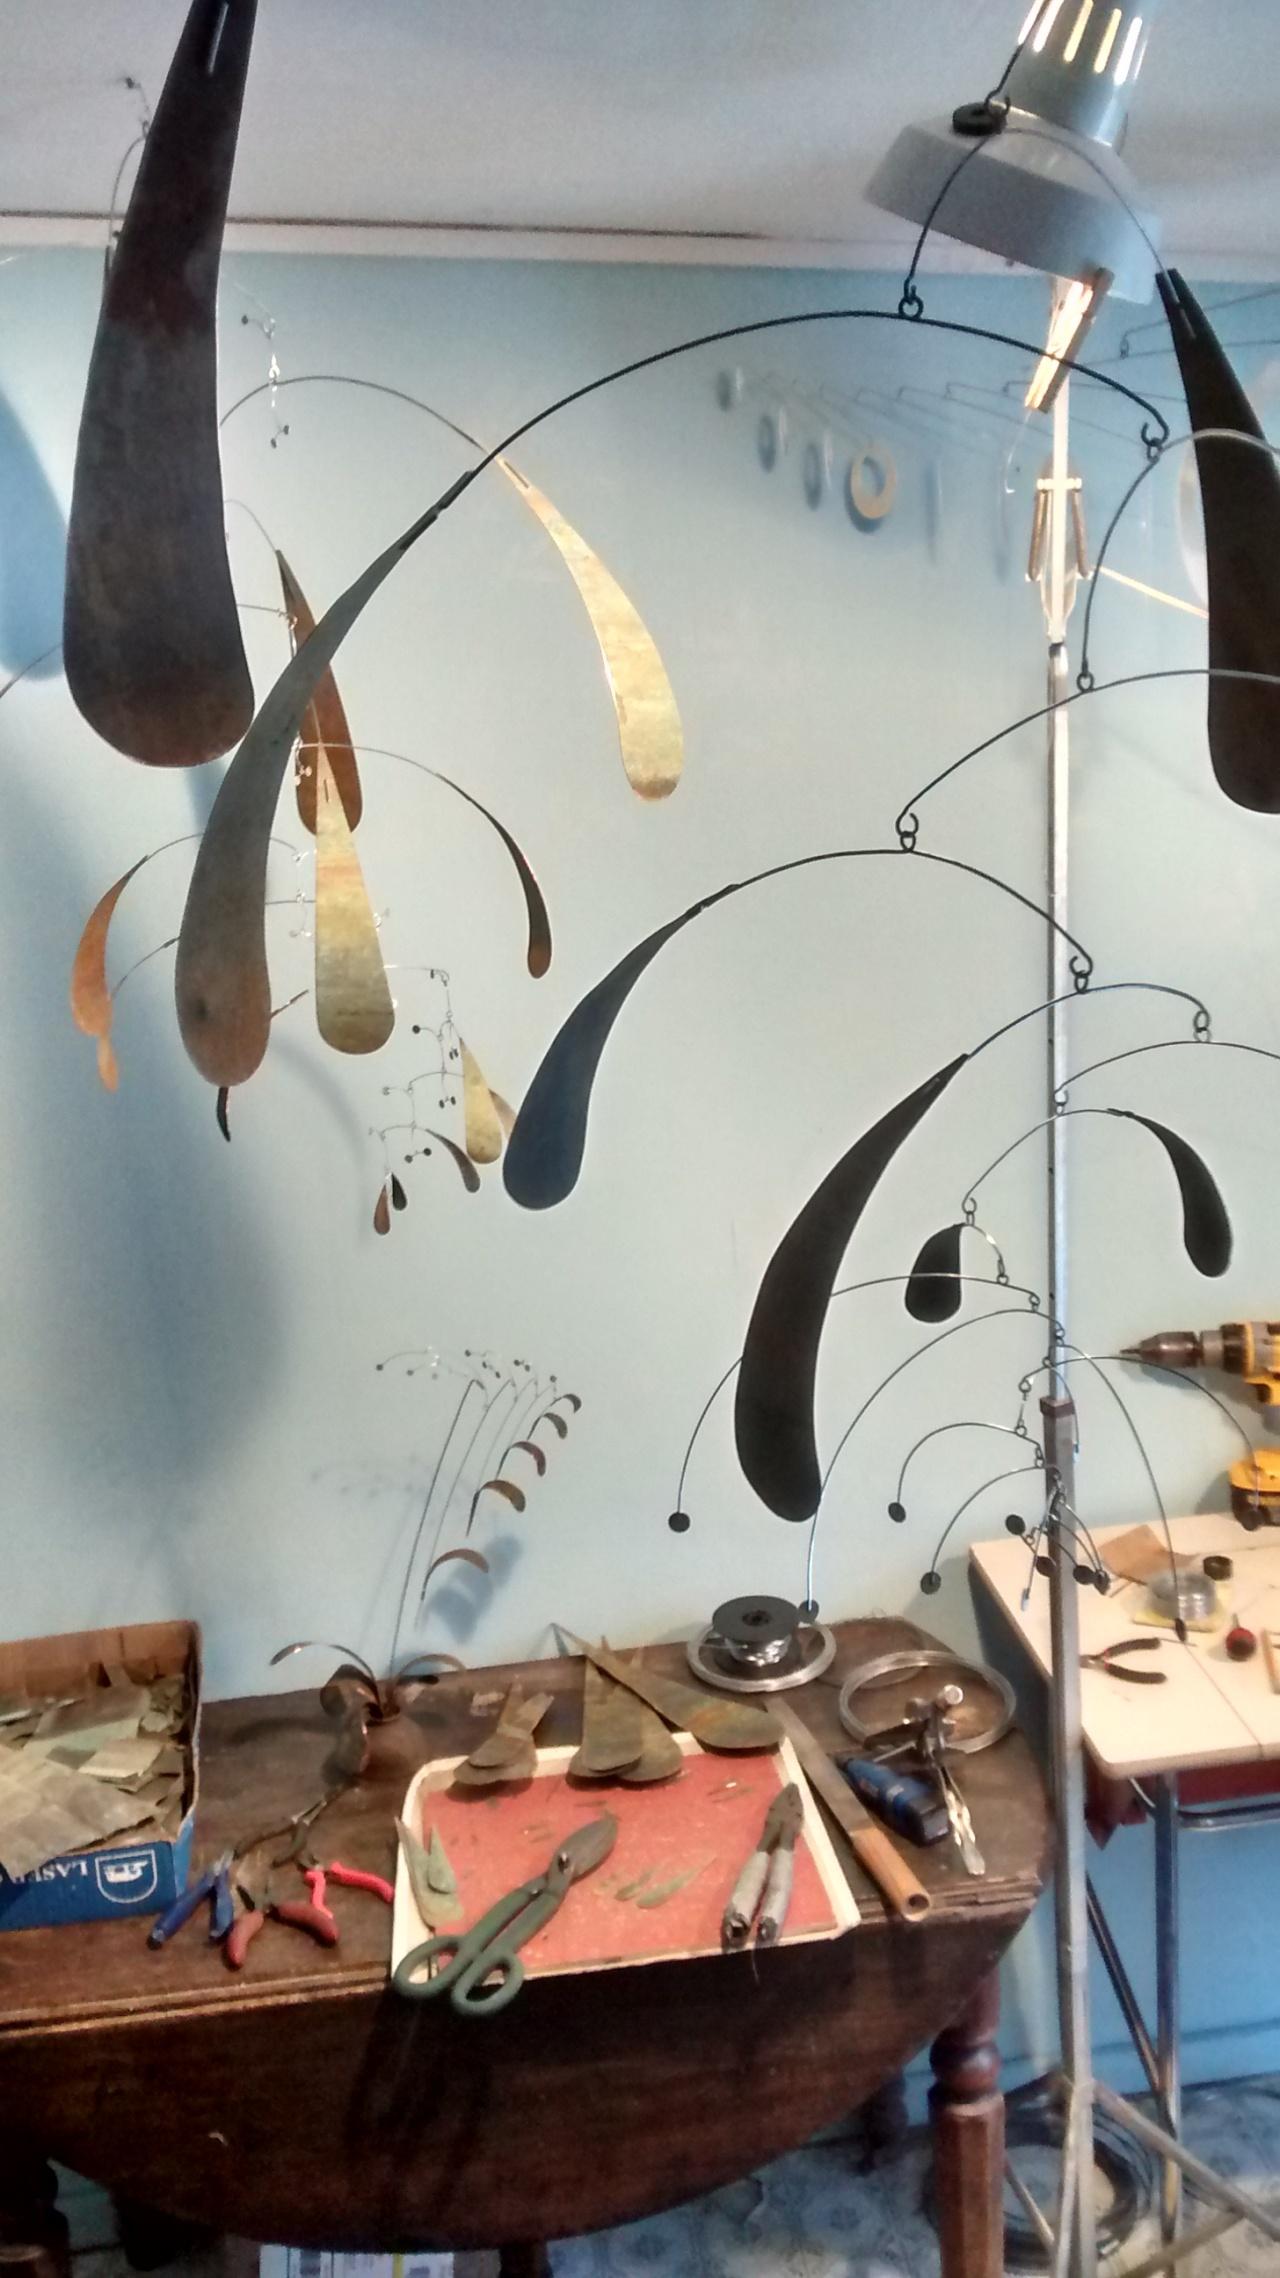 In the WinterStudio